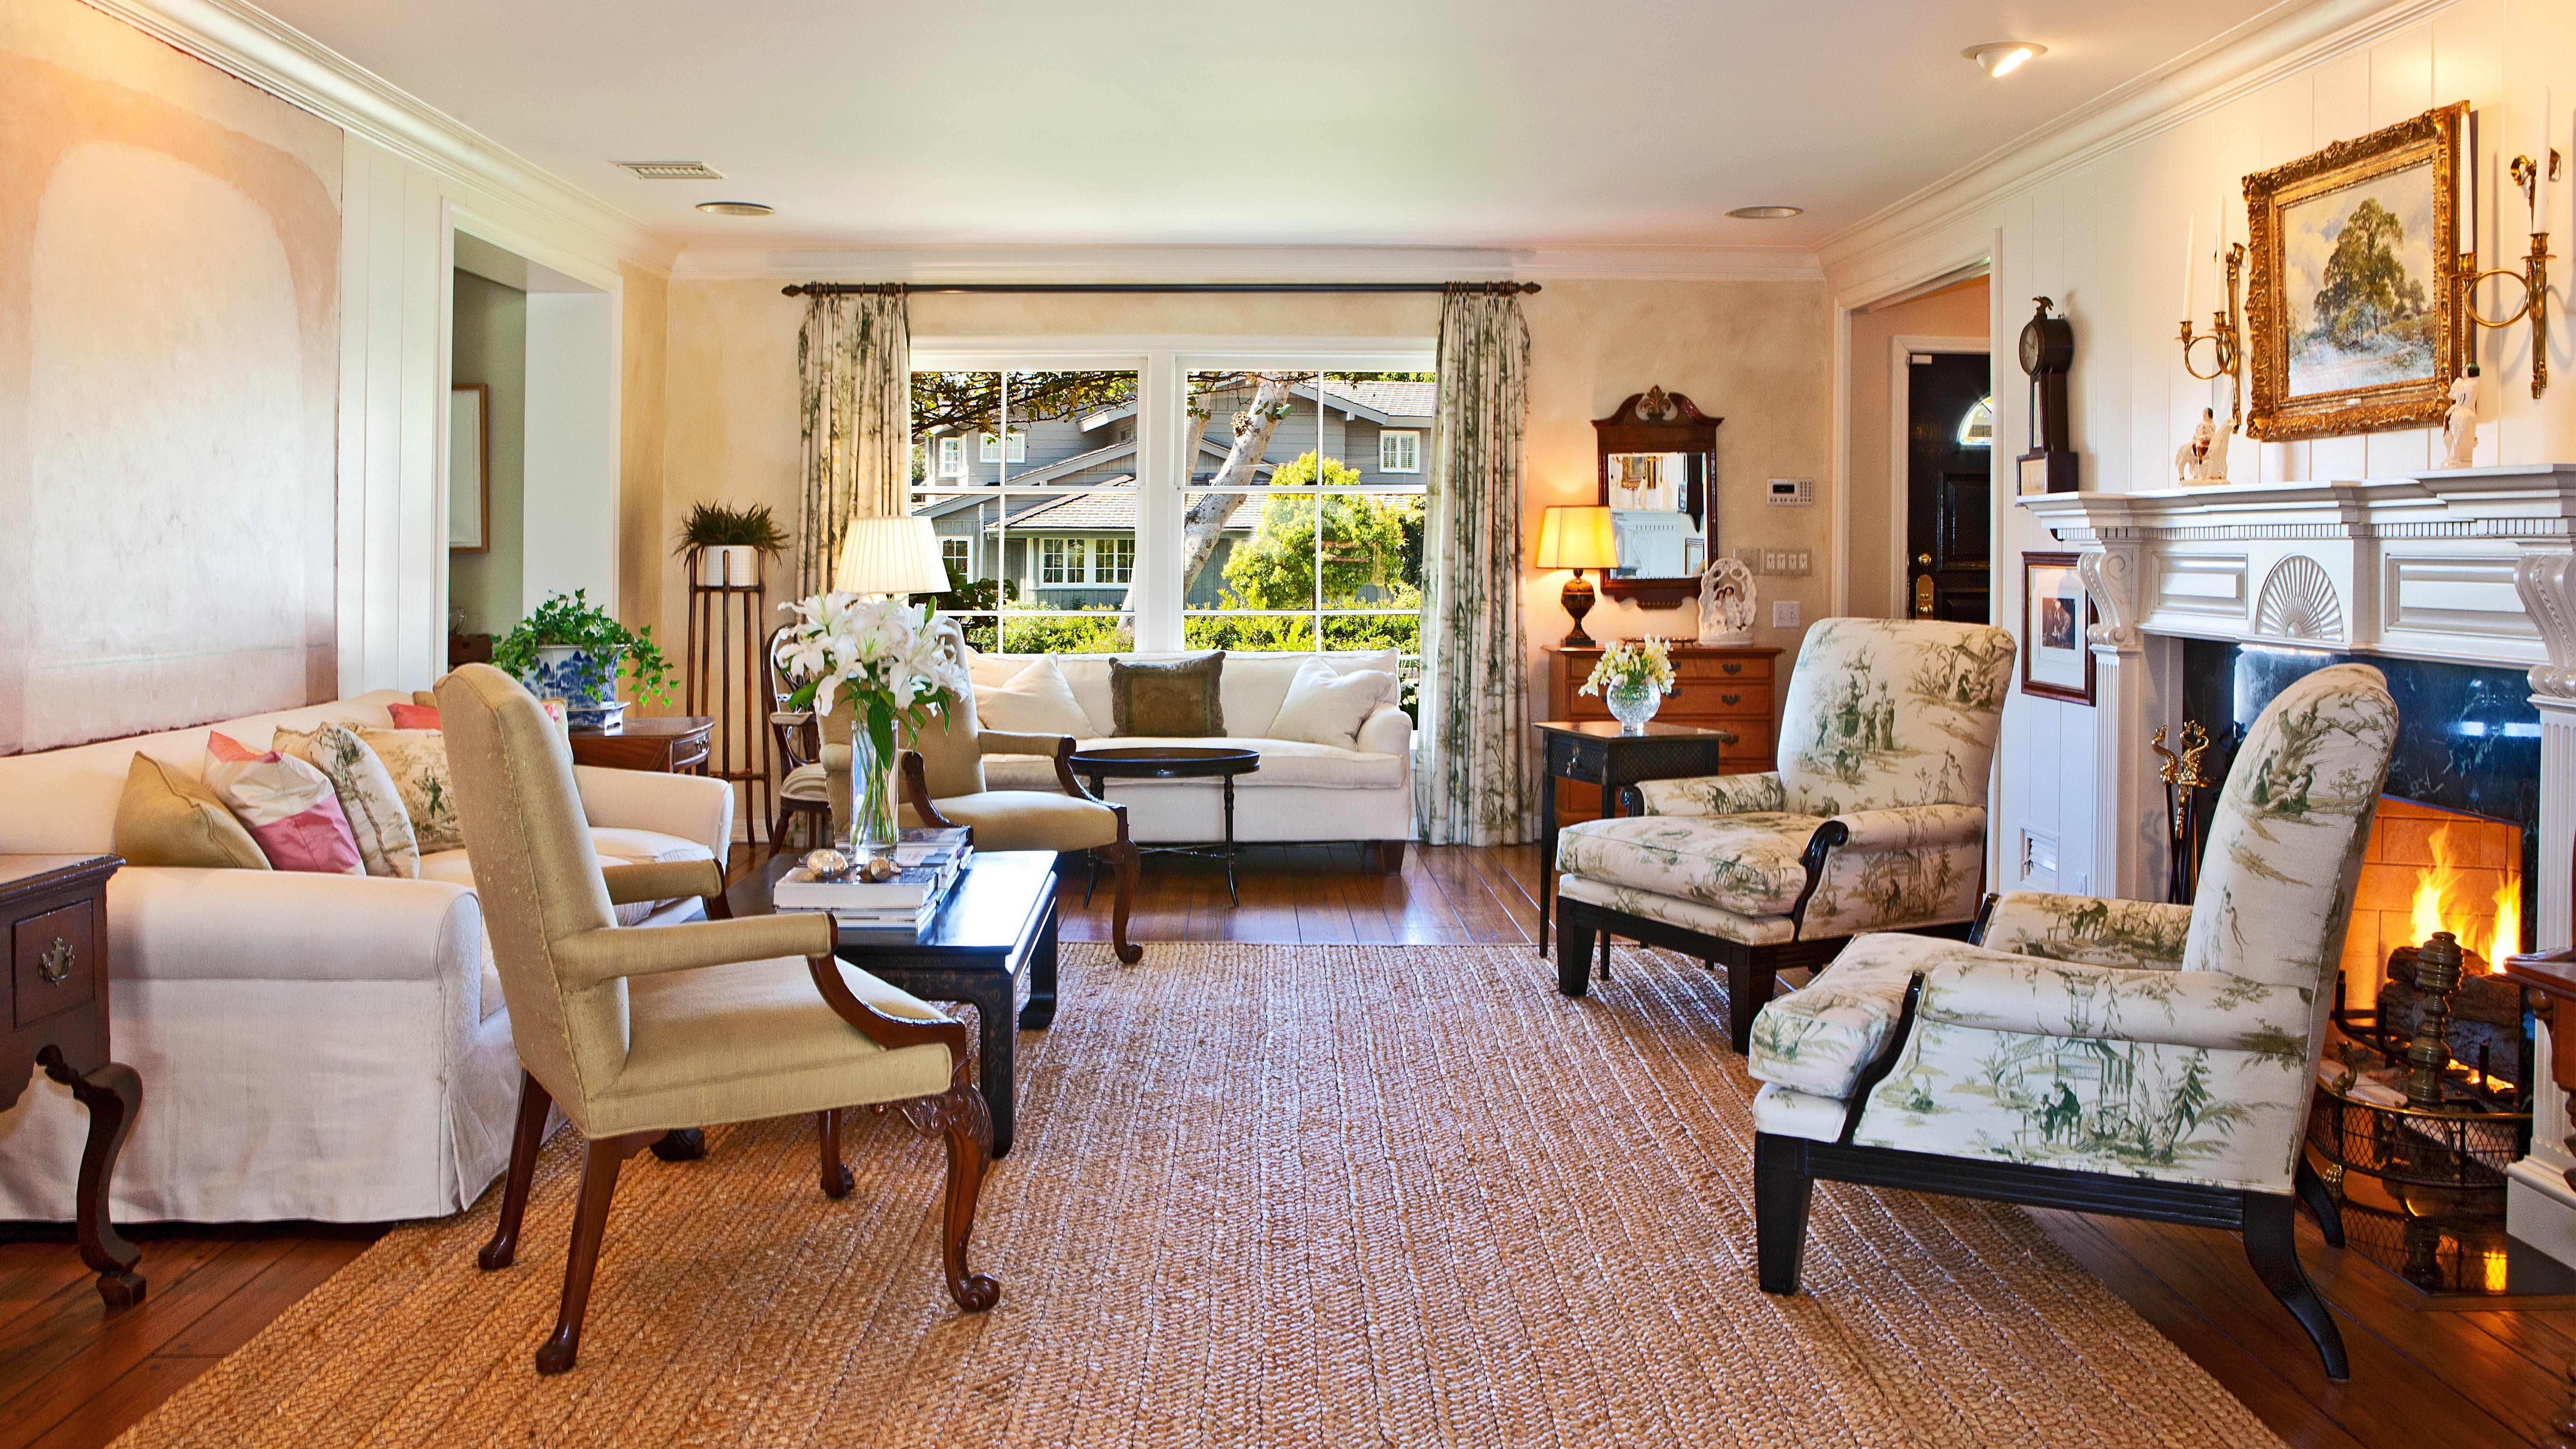 Картинка: Камин, светло, всё включено, цветы, интерьер, окно, дом, мебель, диван, плетённый палас